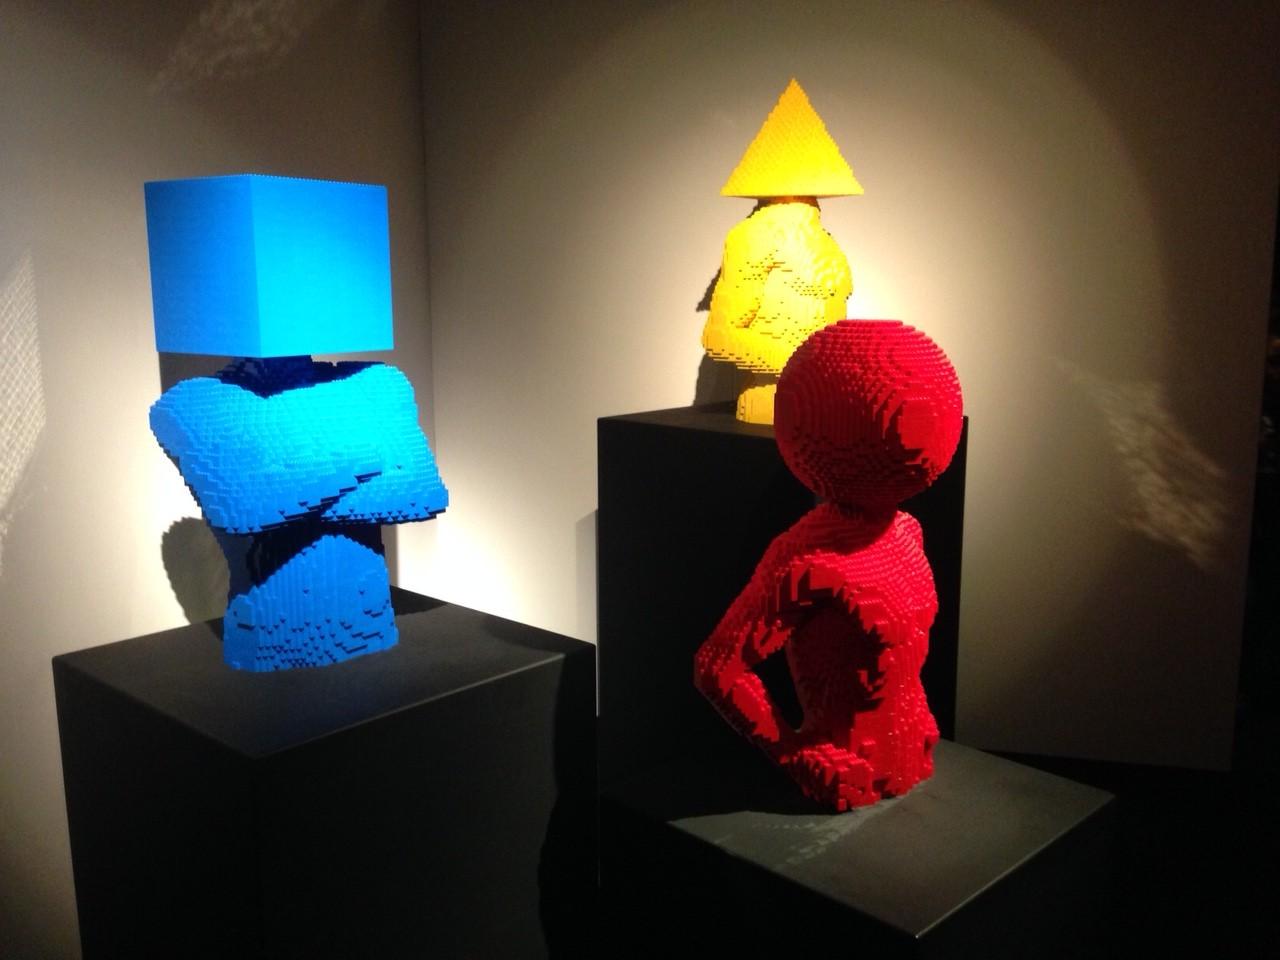 The Art of Brick : Nathan Sawaya expose LEGO à Paris ...